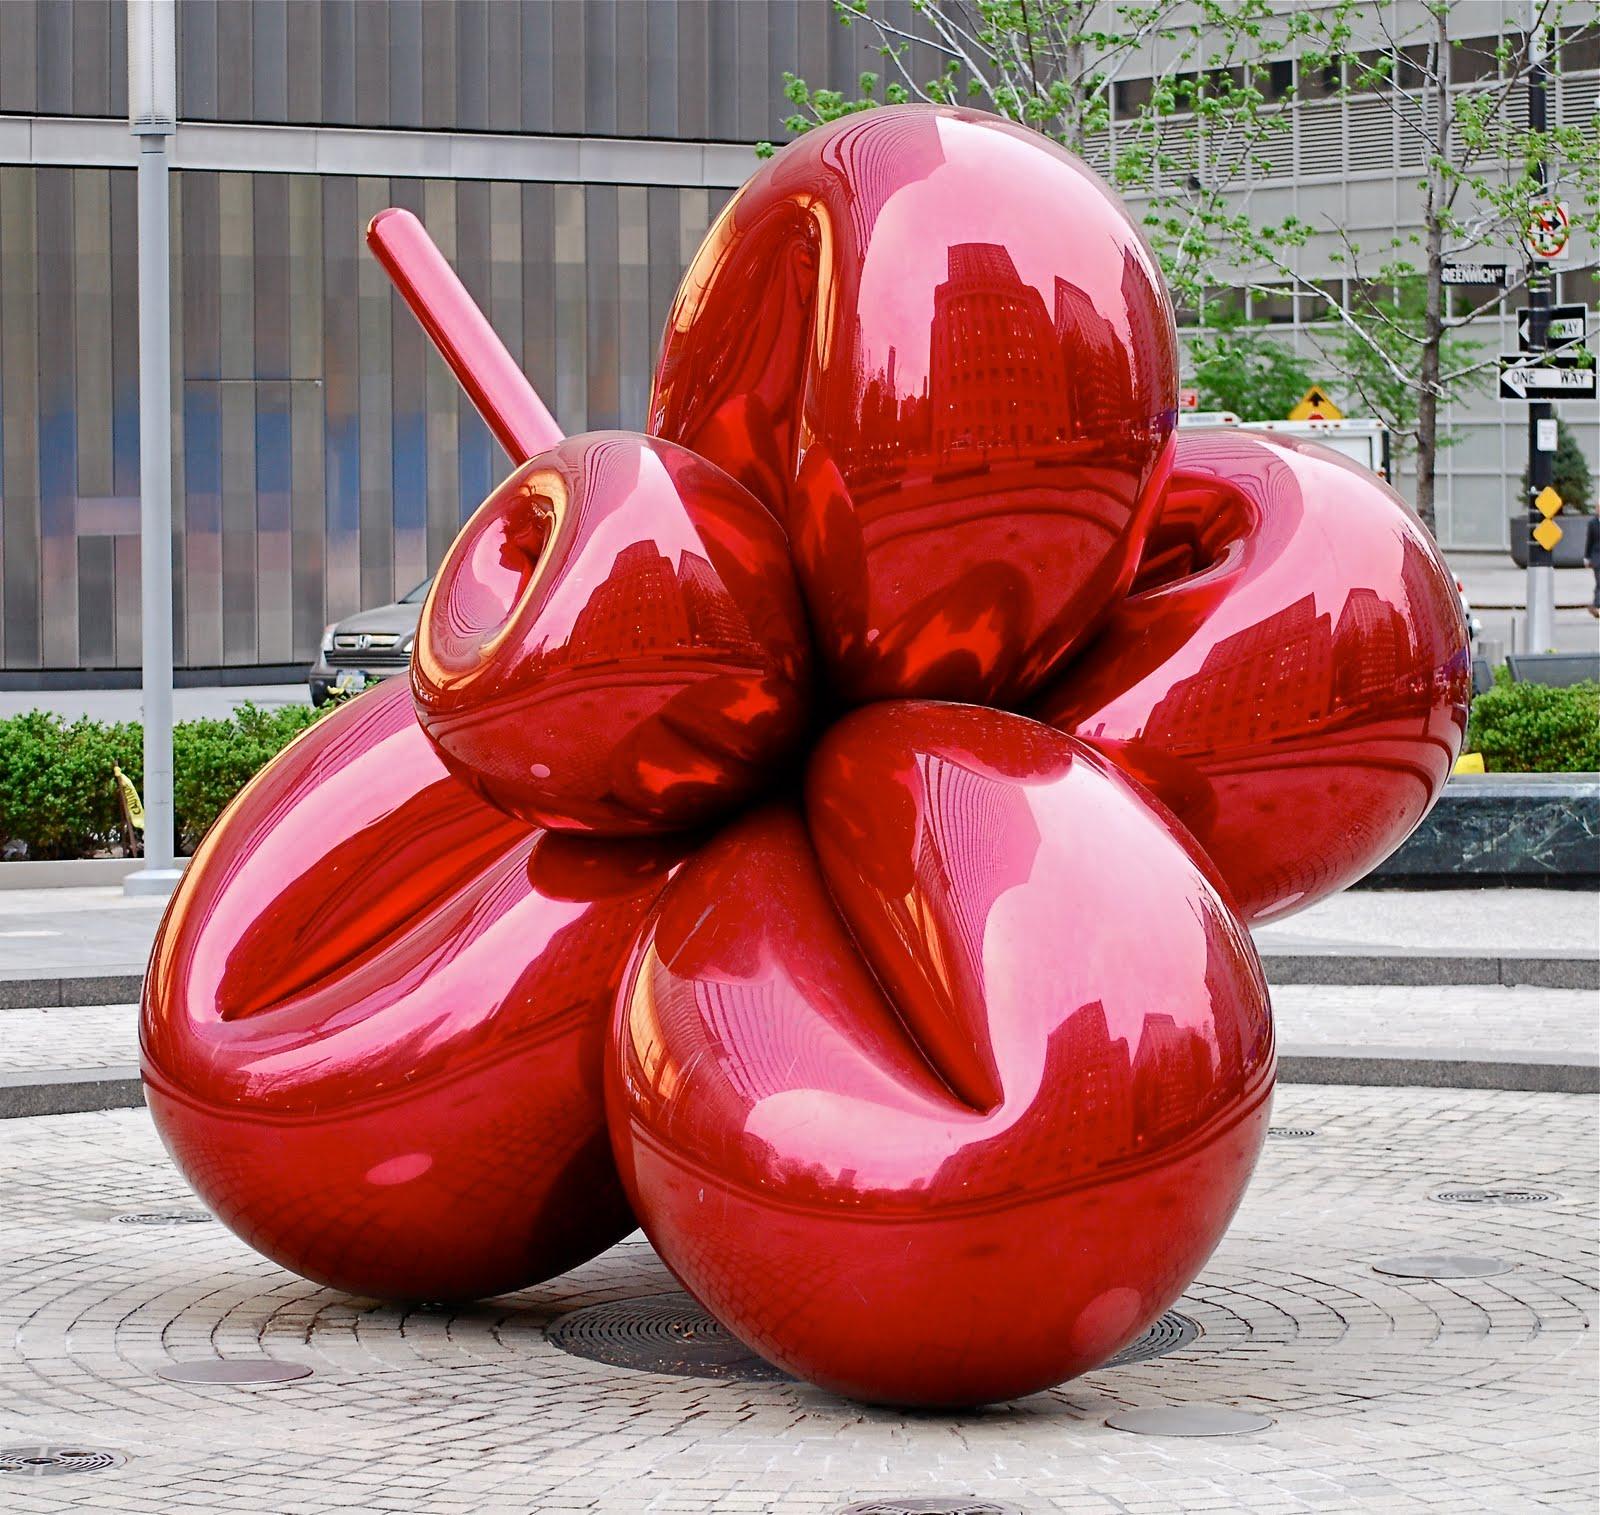 ... sculpture b... Jeff Koons Balloon Sculpture